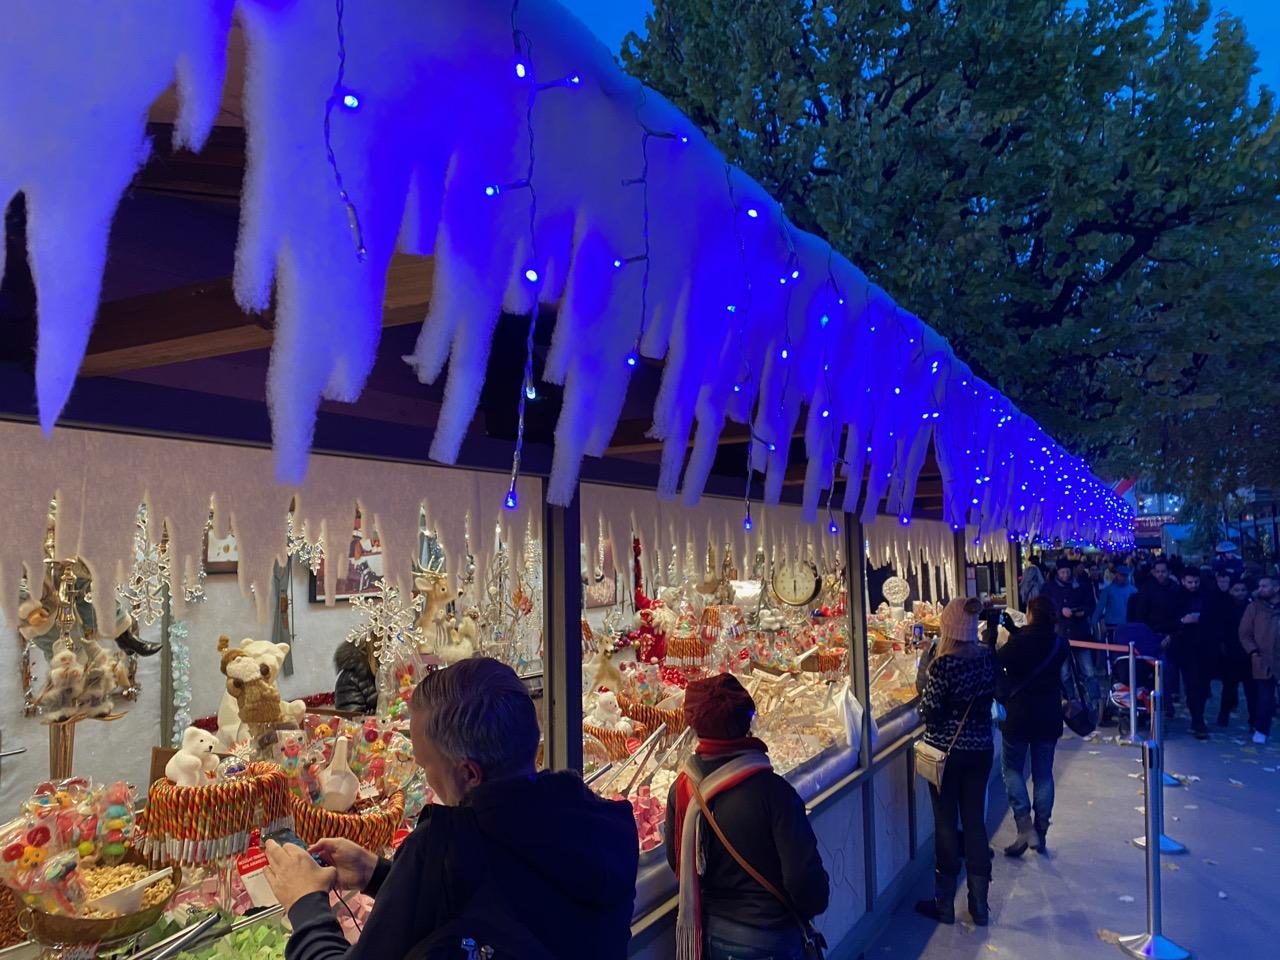 Montreux Christmas Market (Marché Noel) AirBNB Villaneuve Switzerland